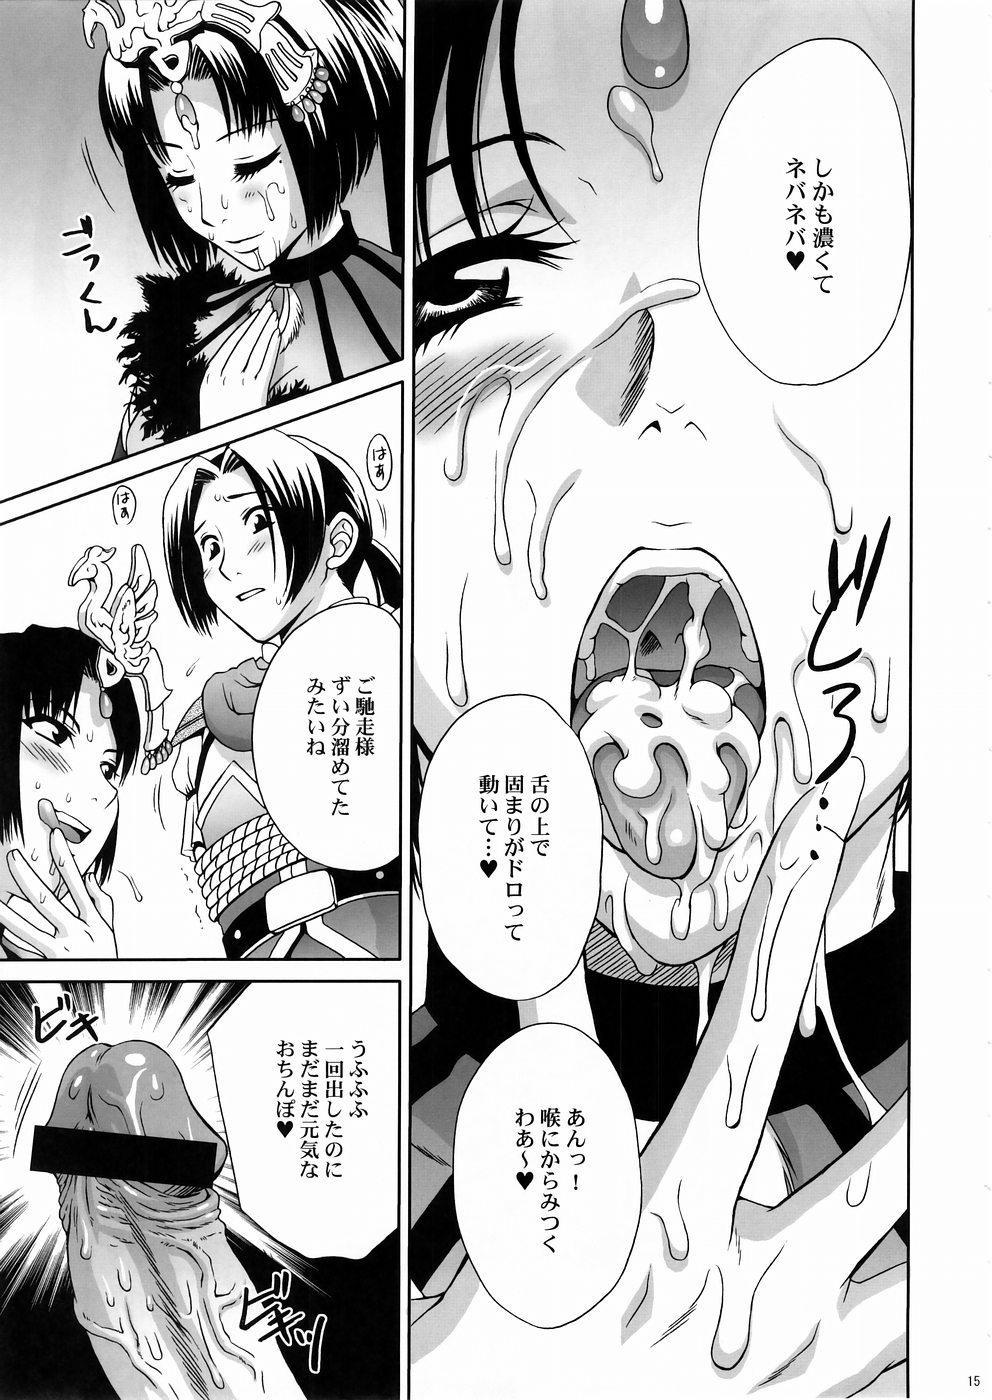 In Sangoku Musou 3 13